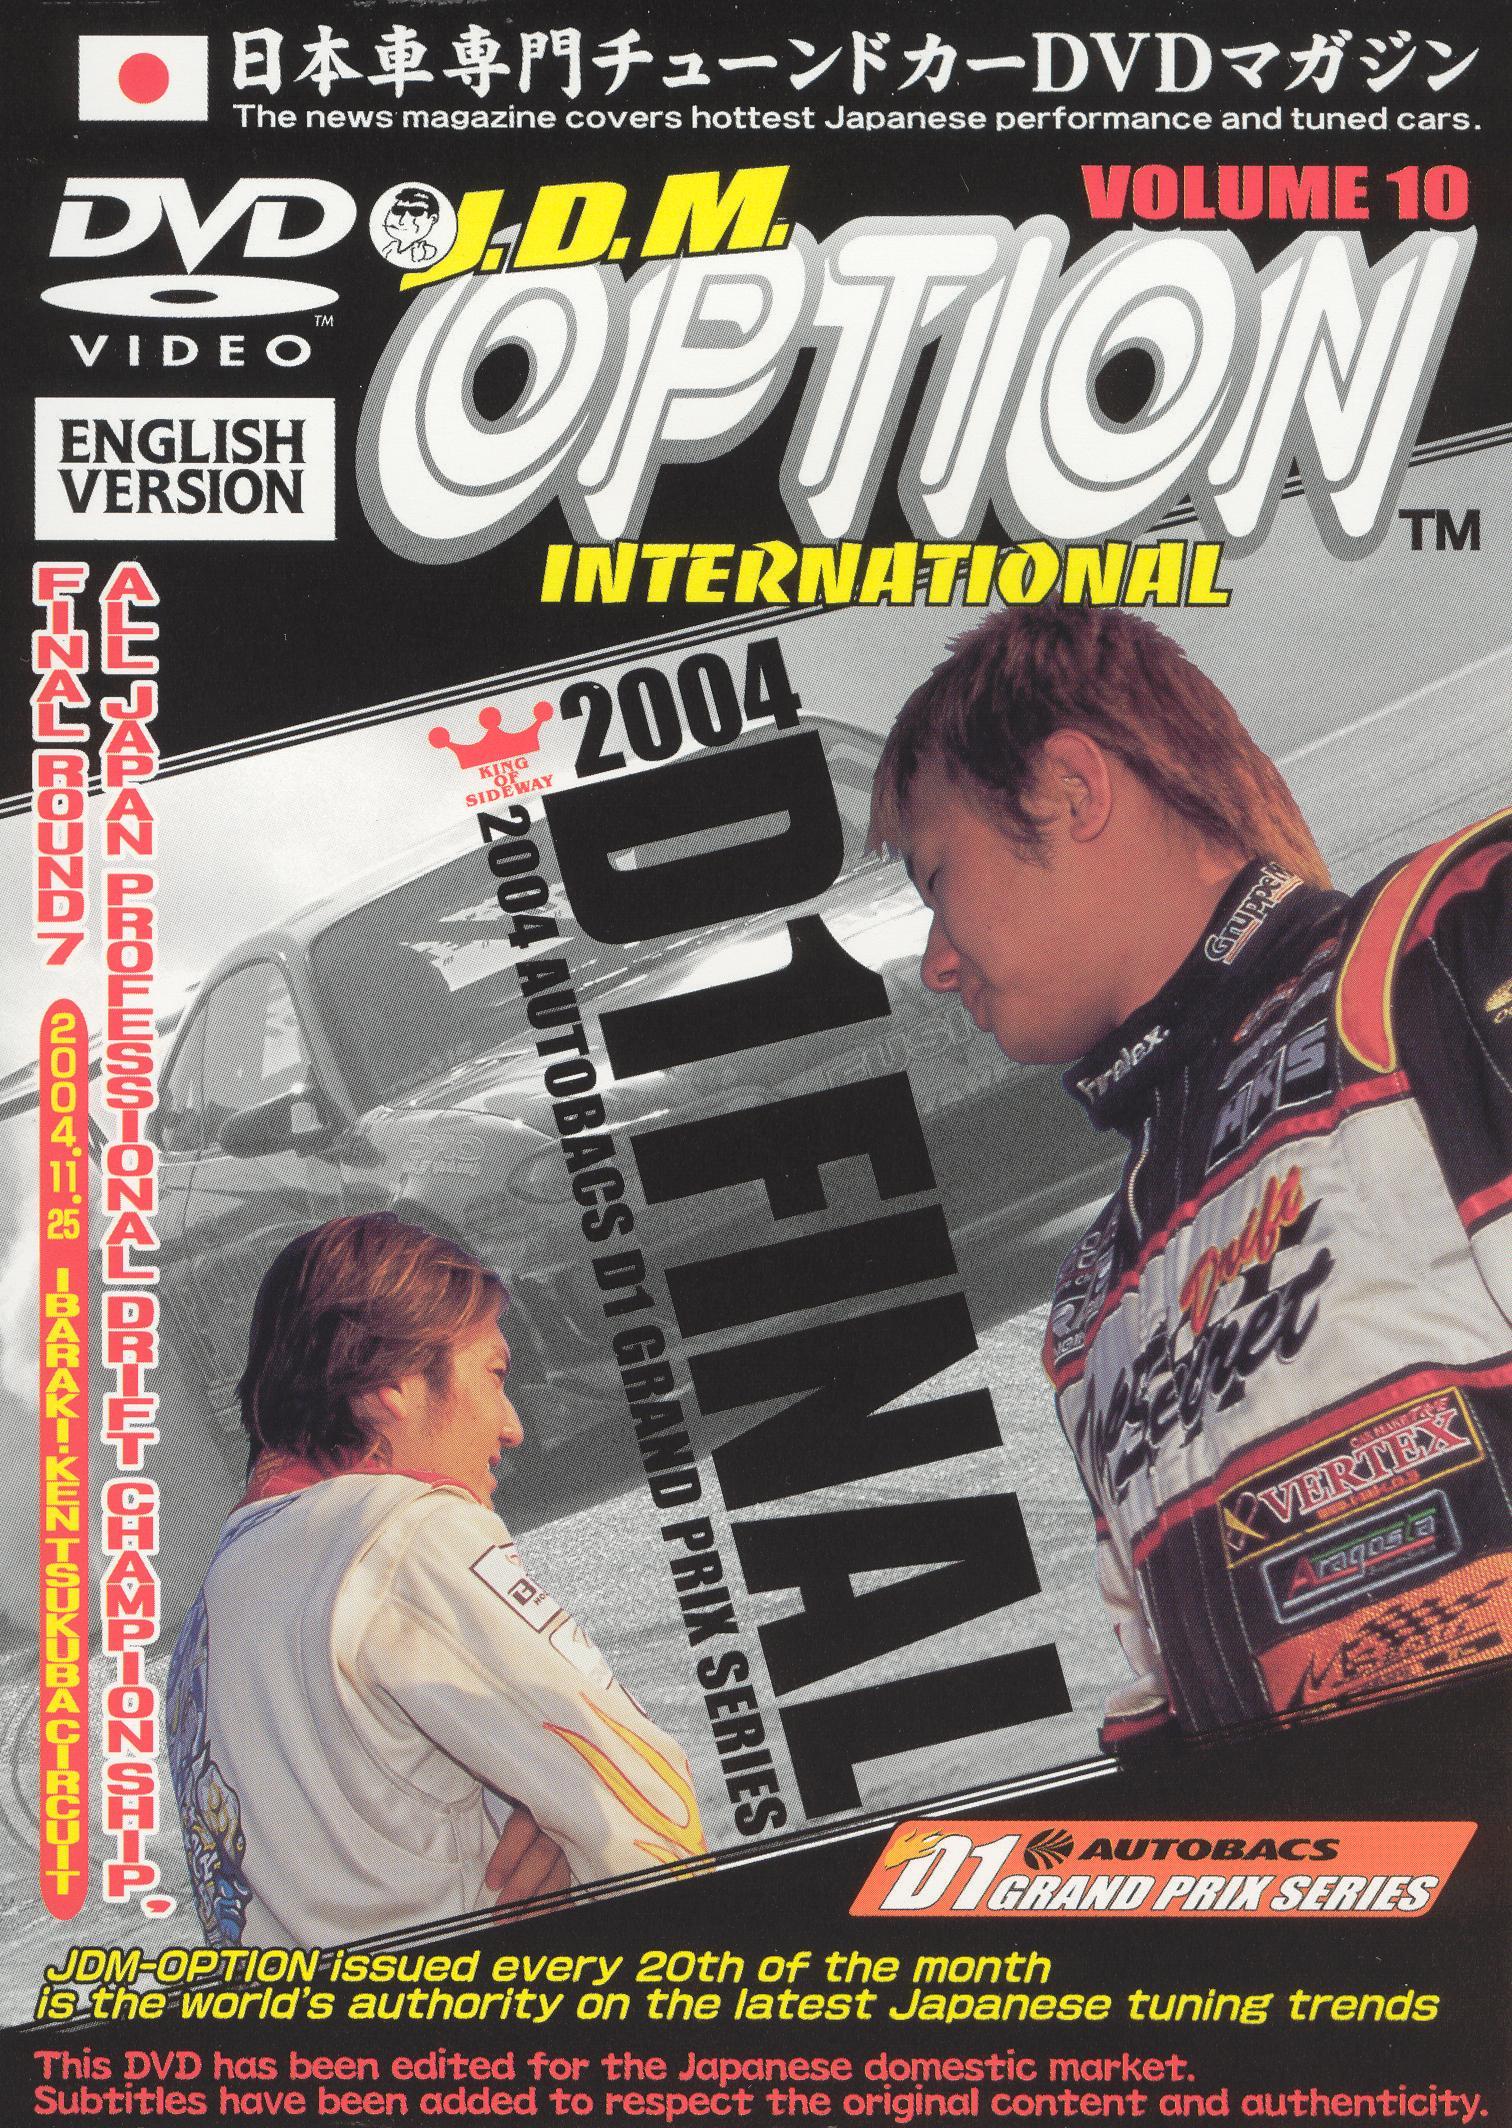 JDM Option, Vol. 10: 2004 D1 Grand Prix Finals